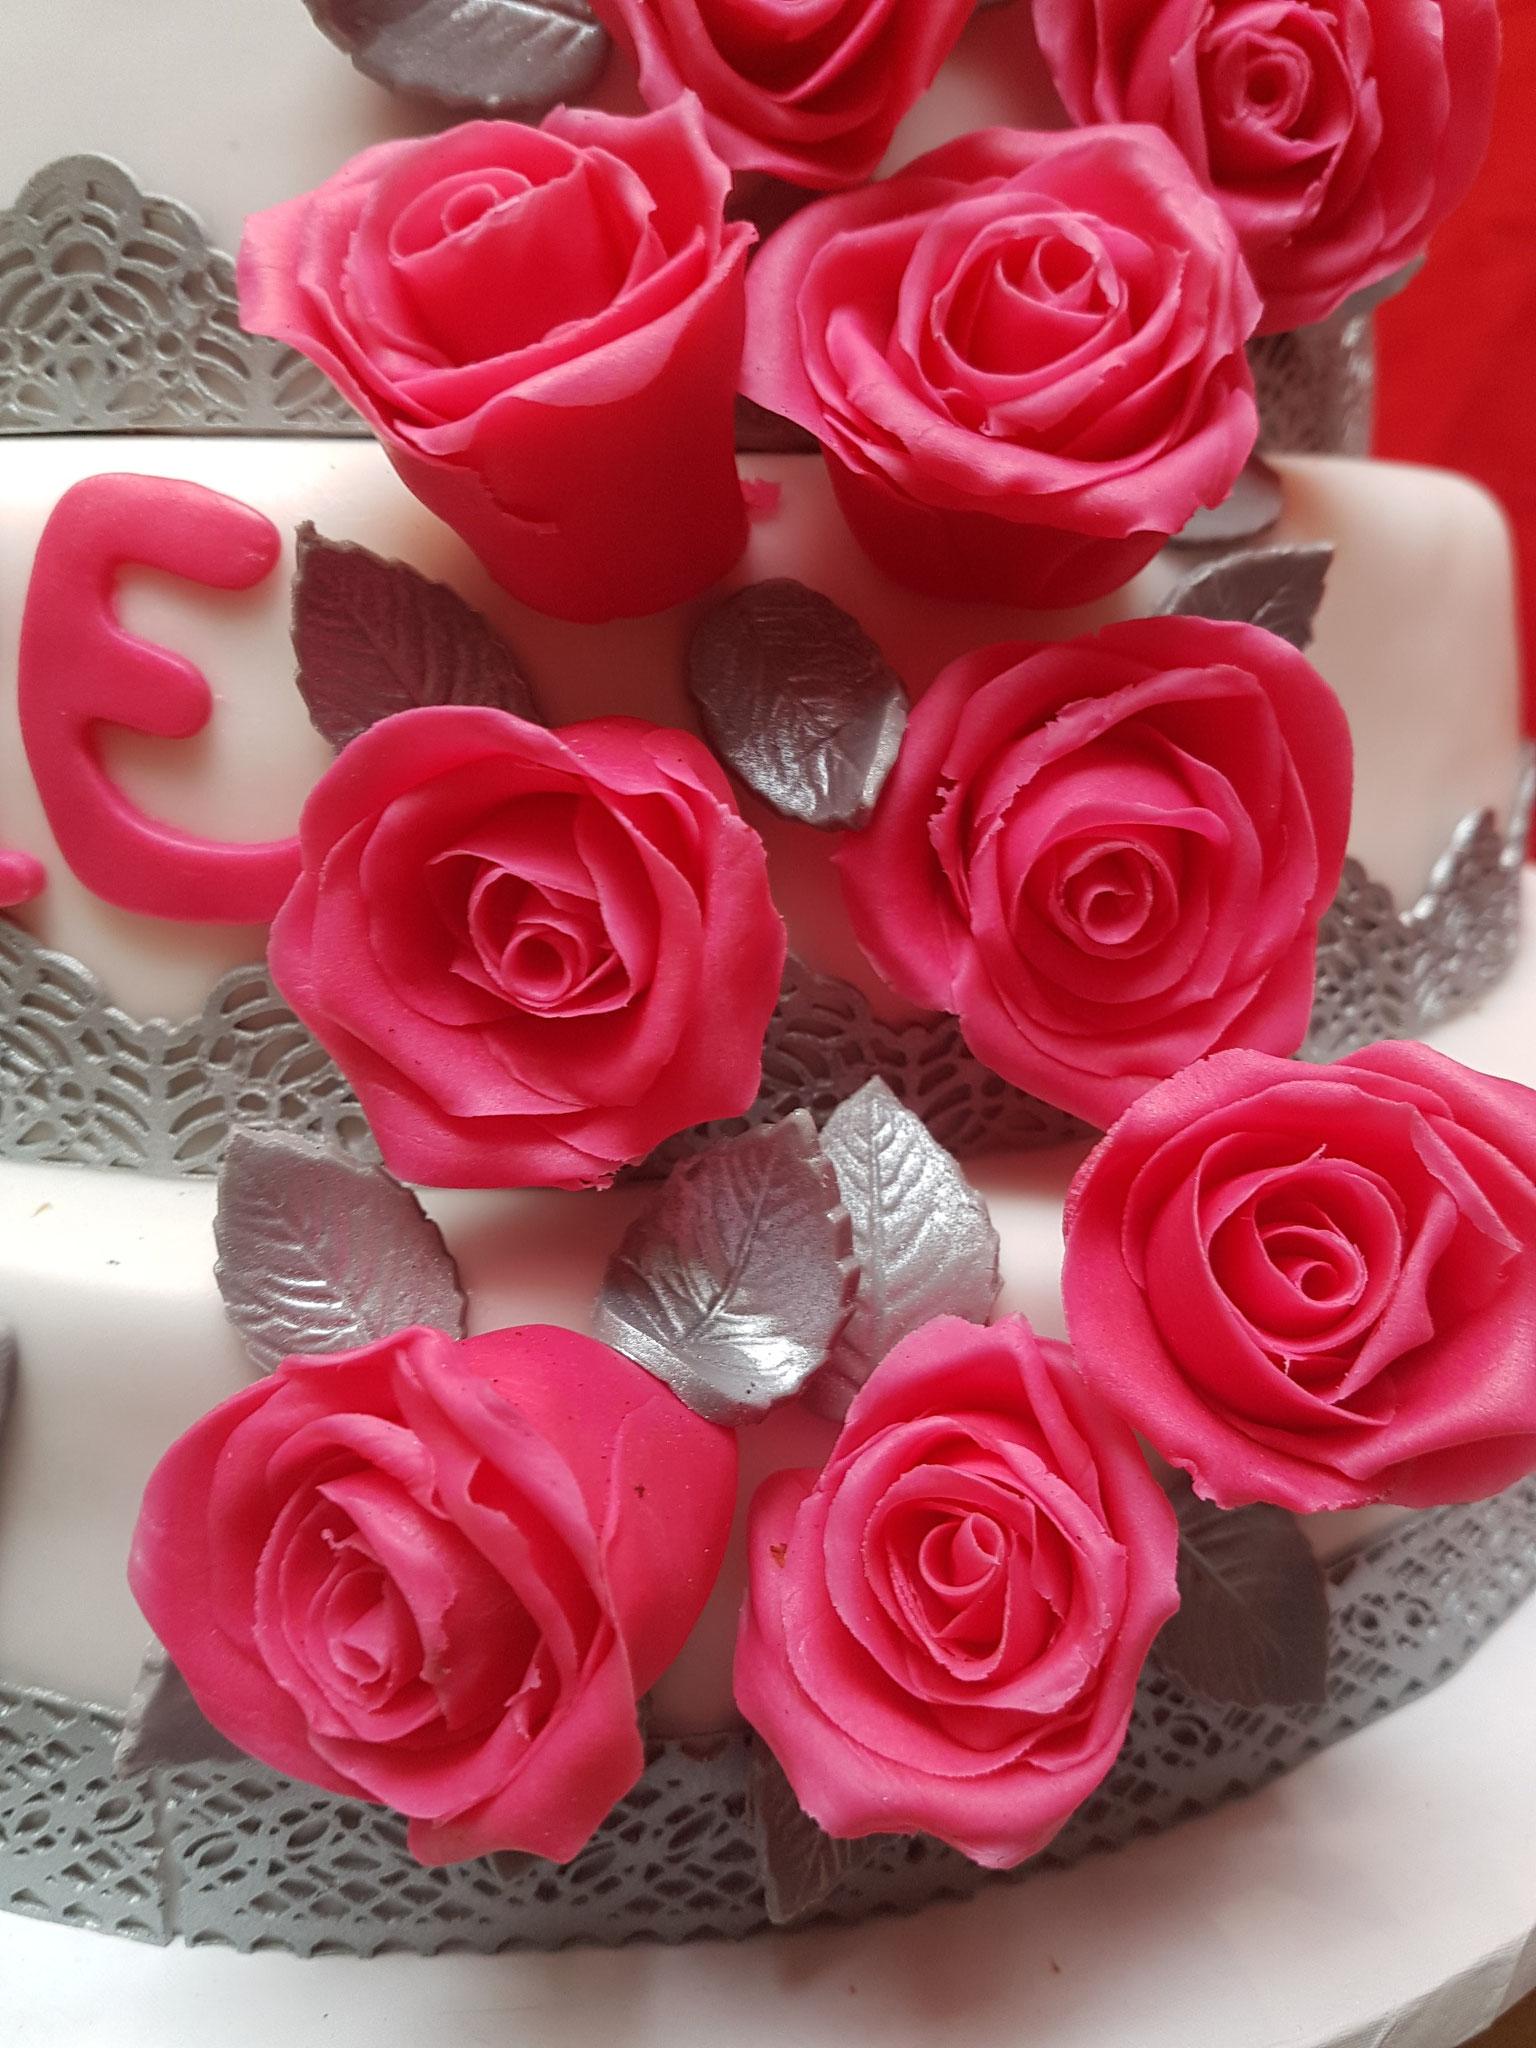 Wedding cake - Site de boulangerie-vd.fr